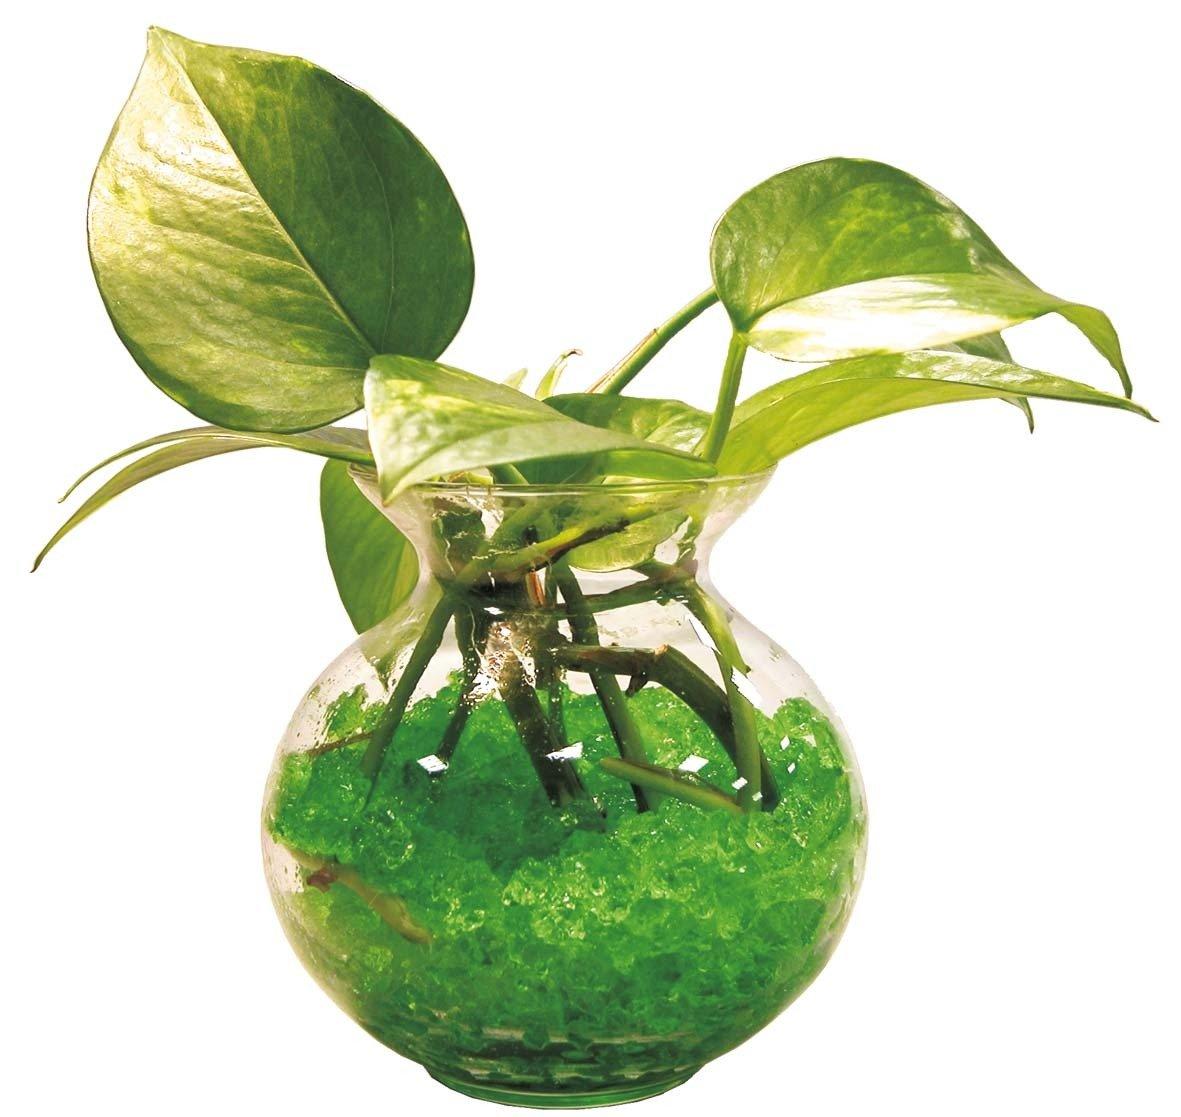 come-innaffiare-le-piante-in-estate-3